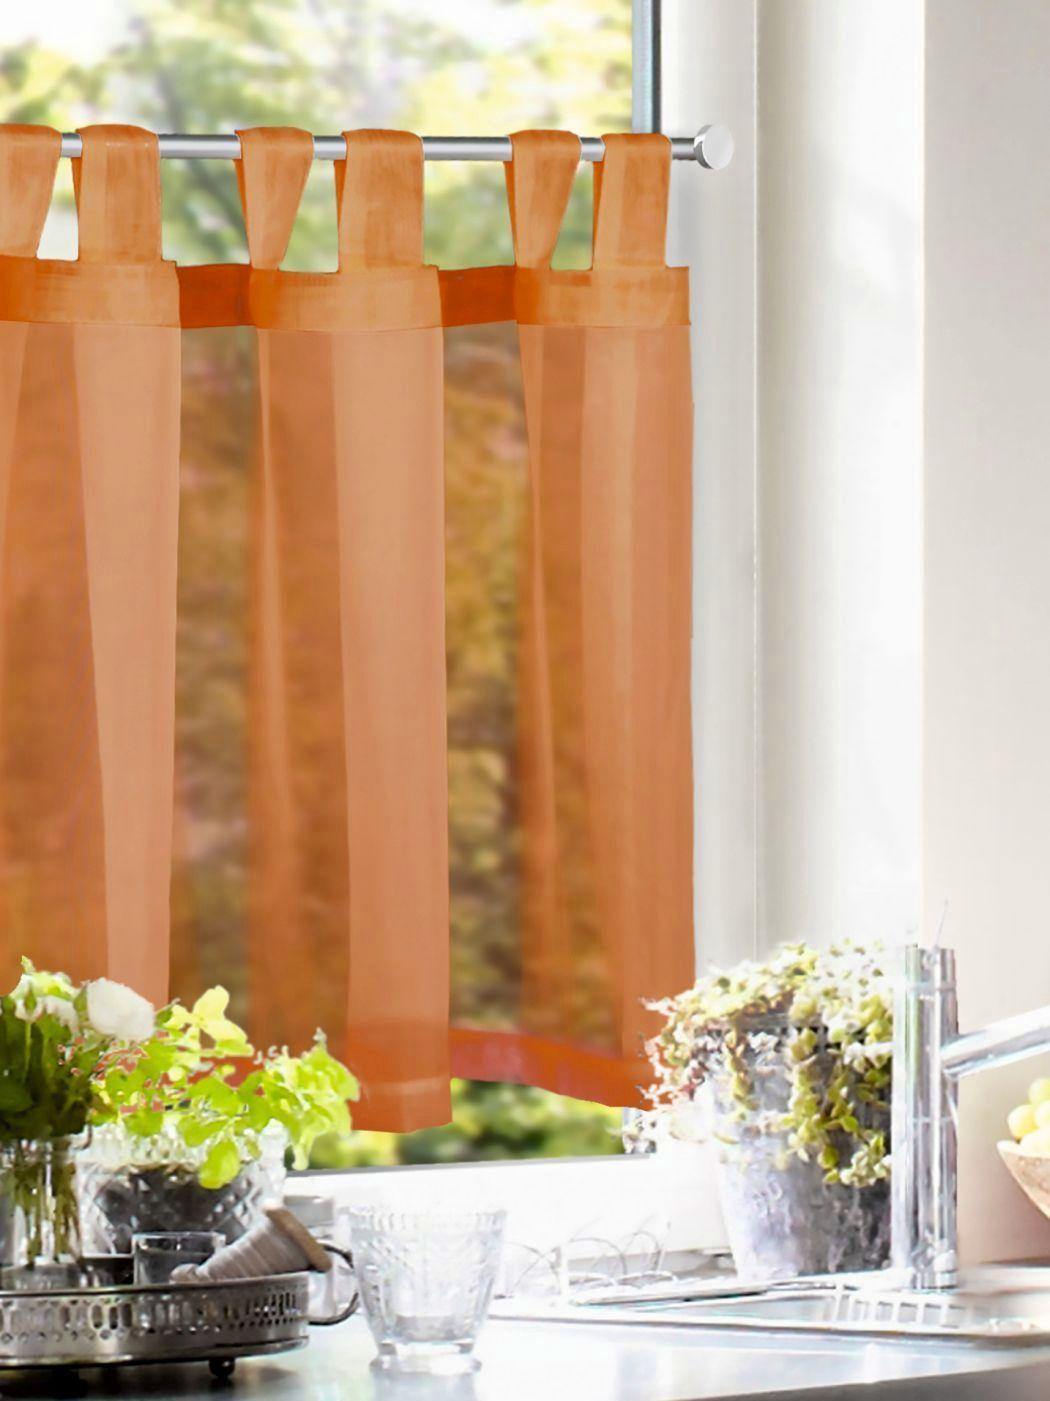 Full Size of Moderne Duschen Bilder Fürs Wohnzimmer Modernes Bett 180x200 Sofa Deckenleuchte Esstische Landhausküche Wohnzimmer Moderne Küchenvorhänge